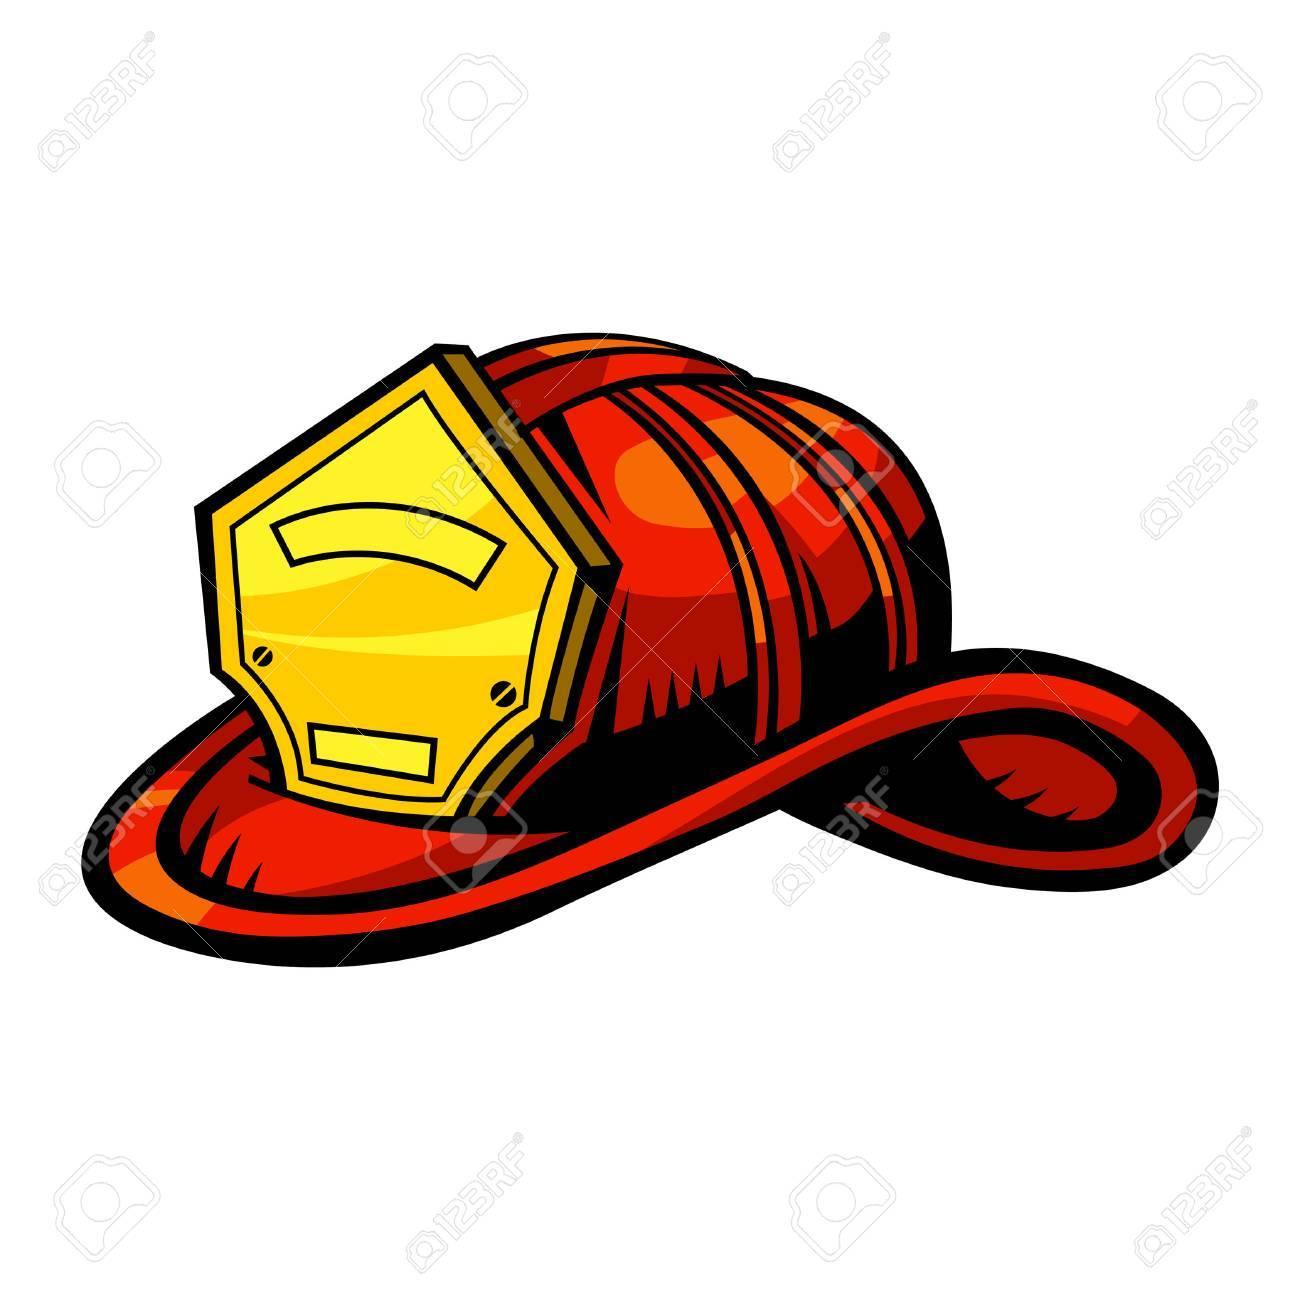 Firefighter Helmet - 49668693